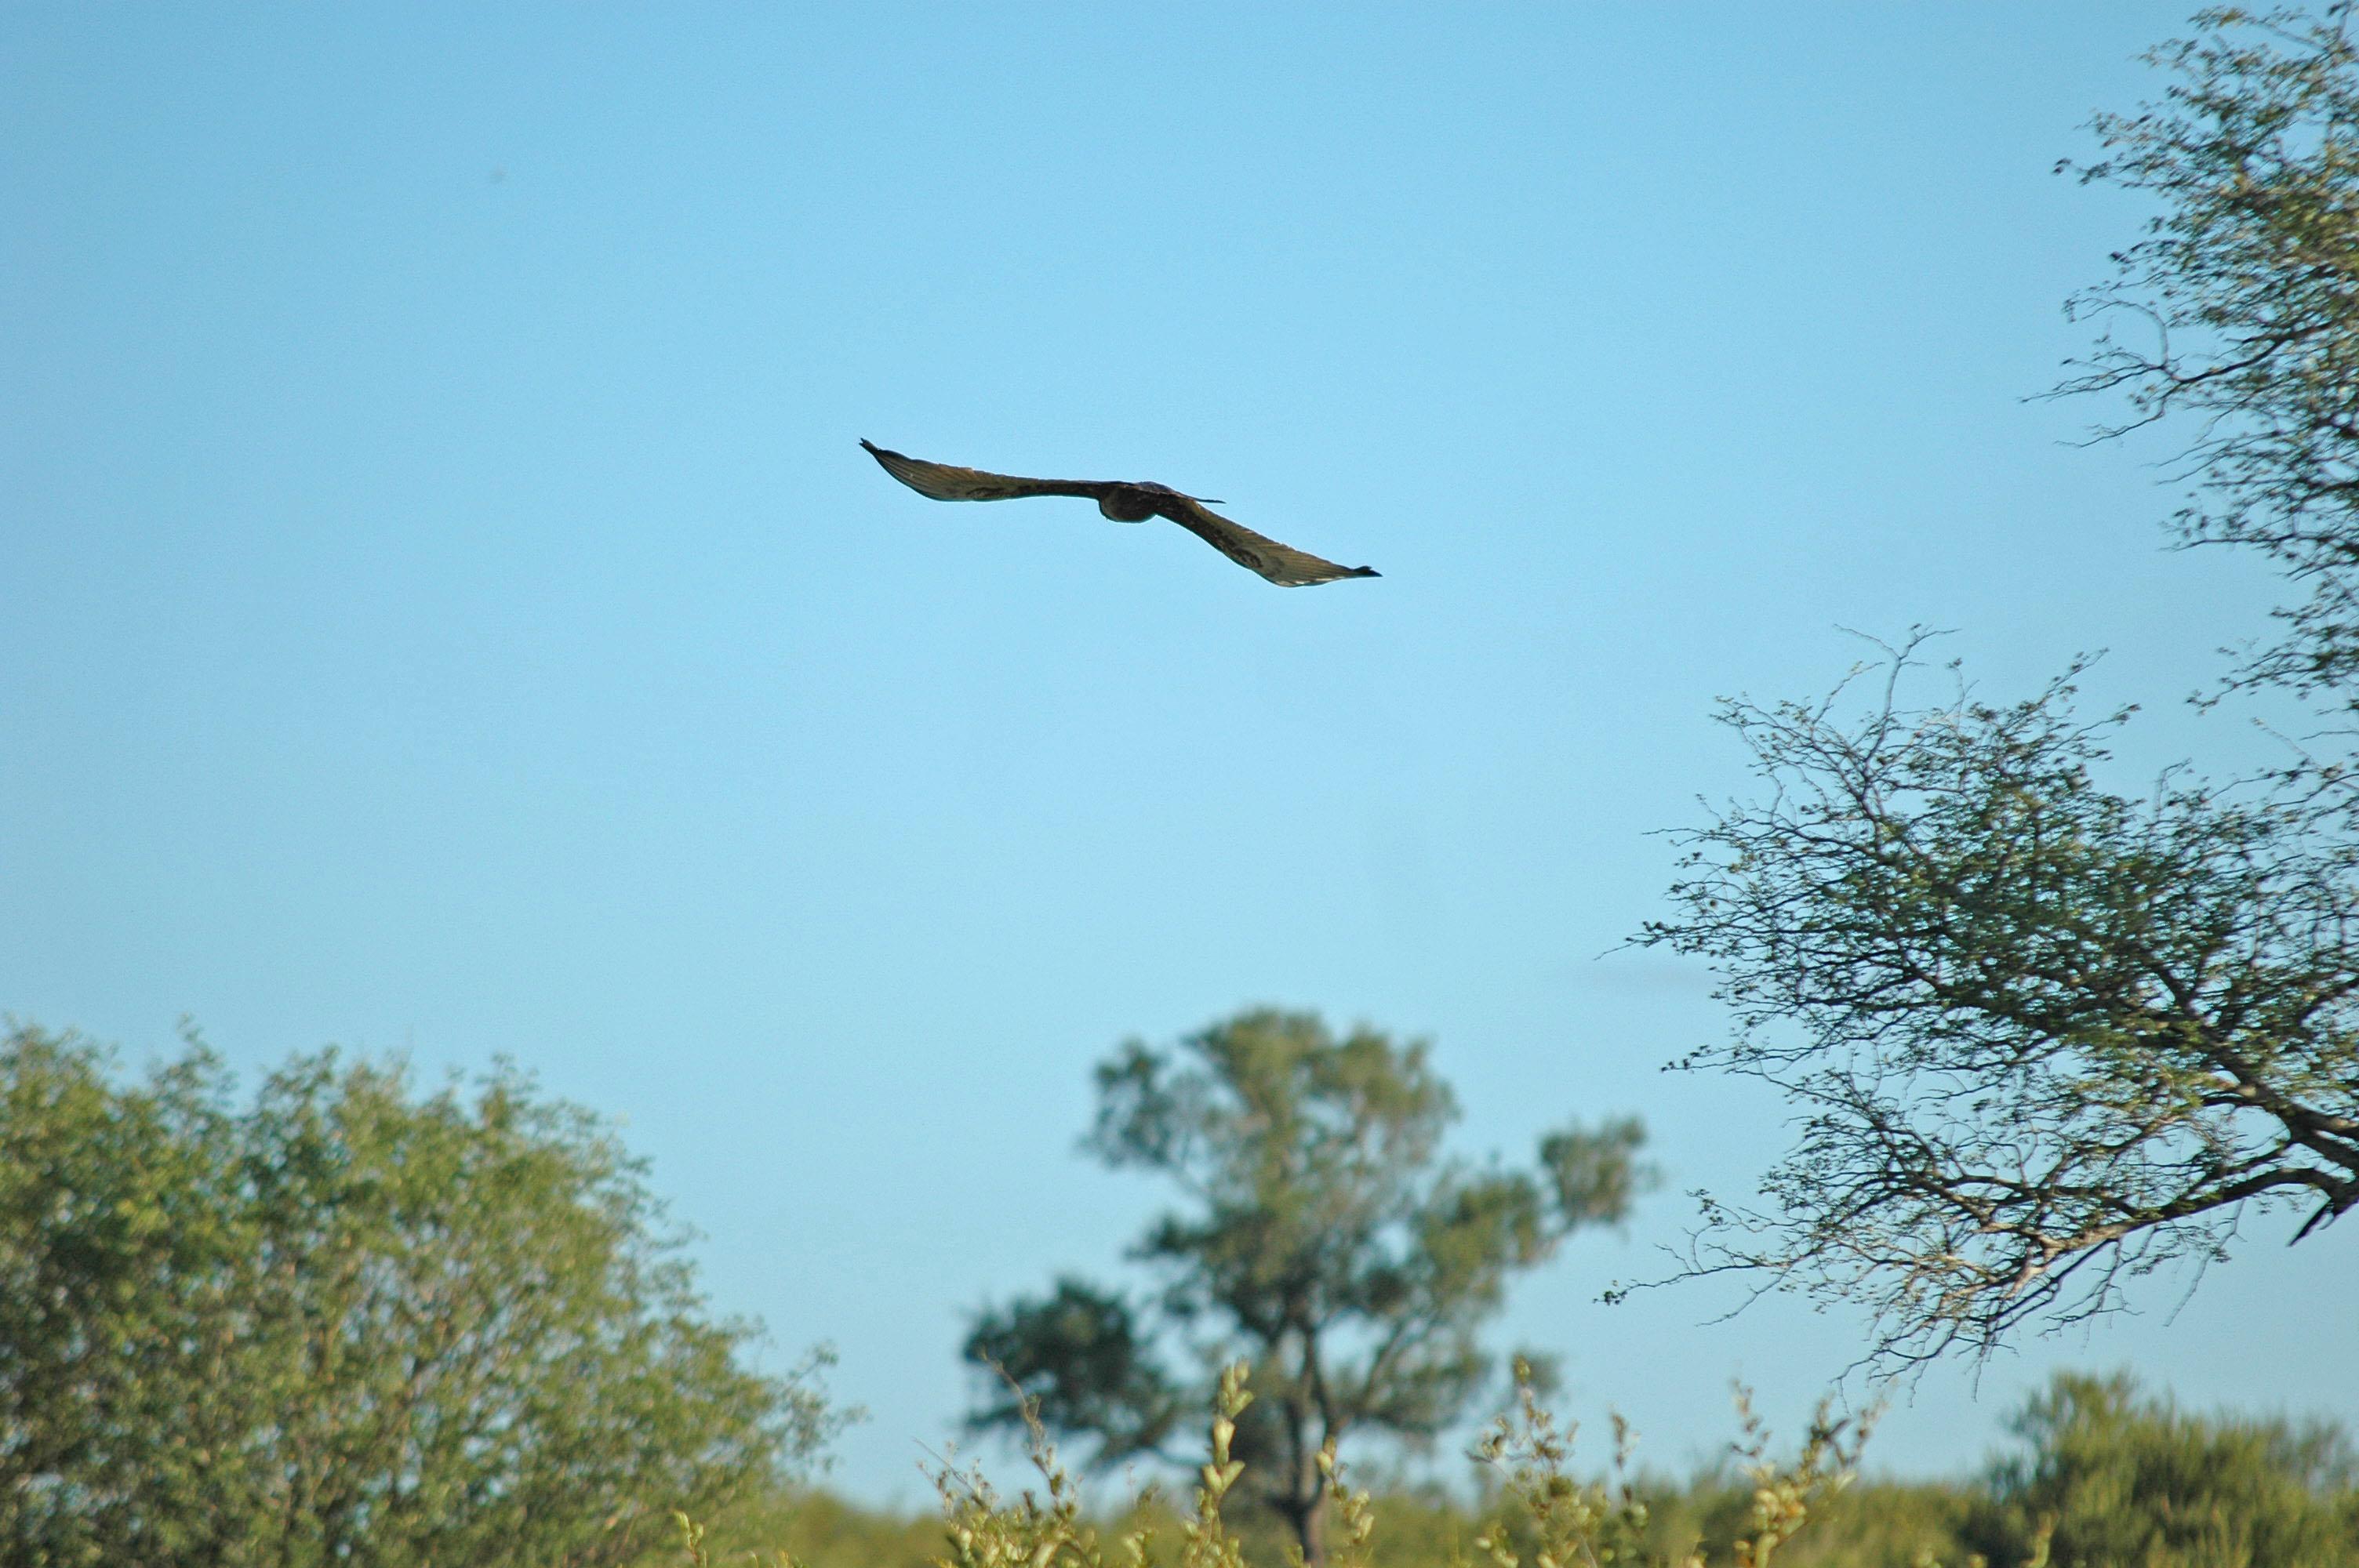 Vulture, Kruger National Park, South Africa